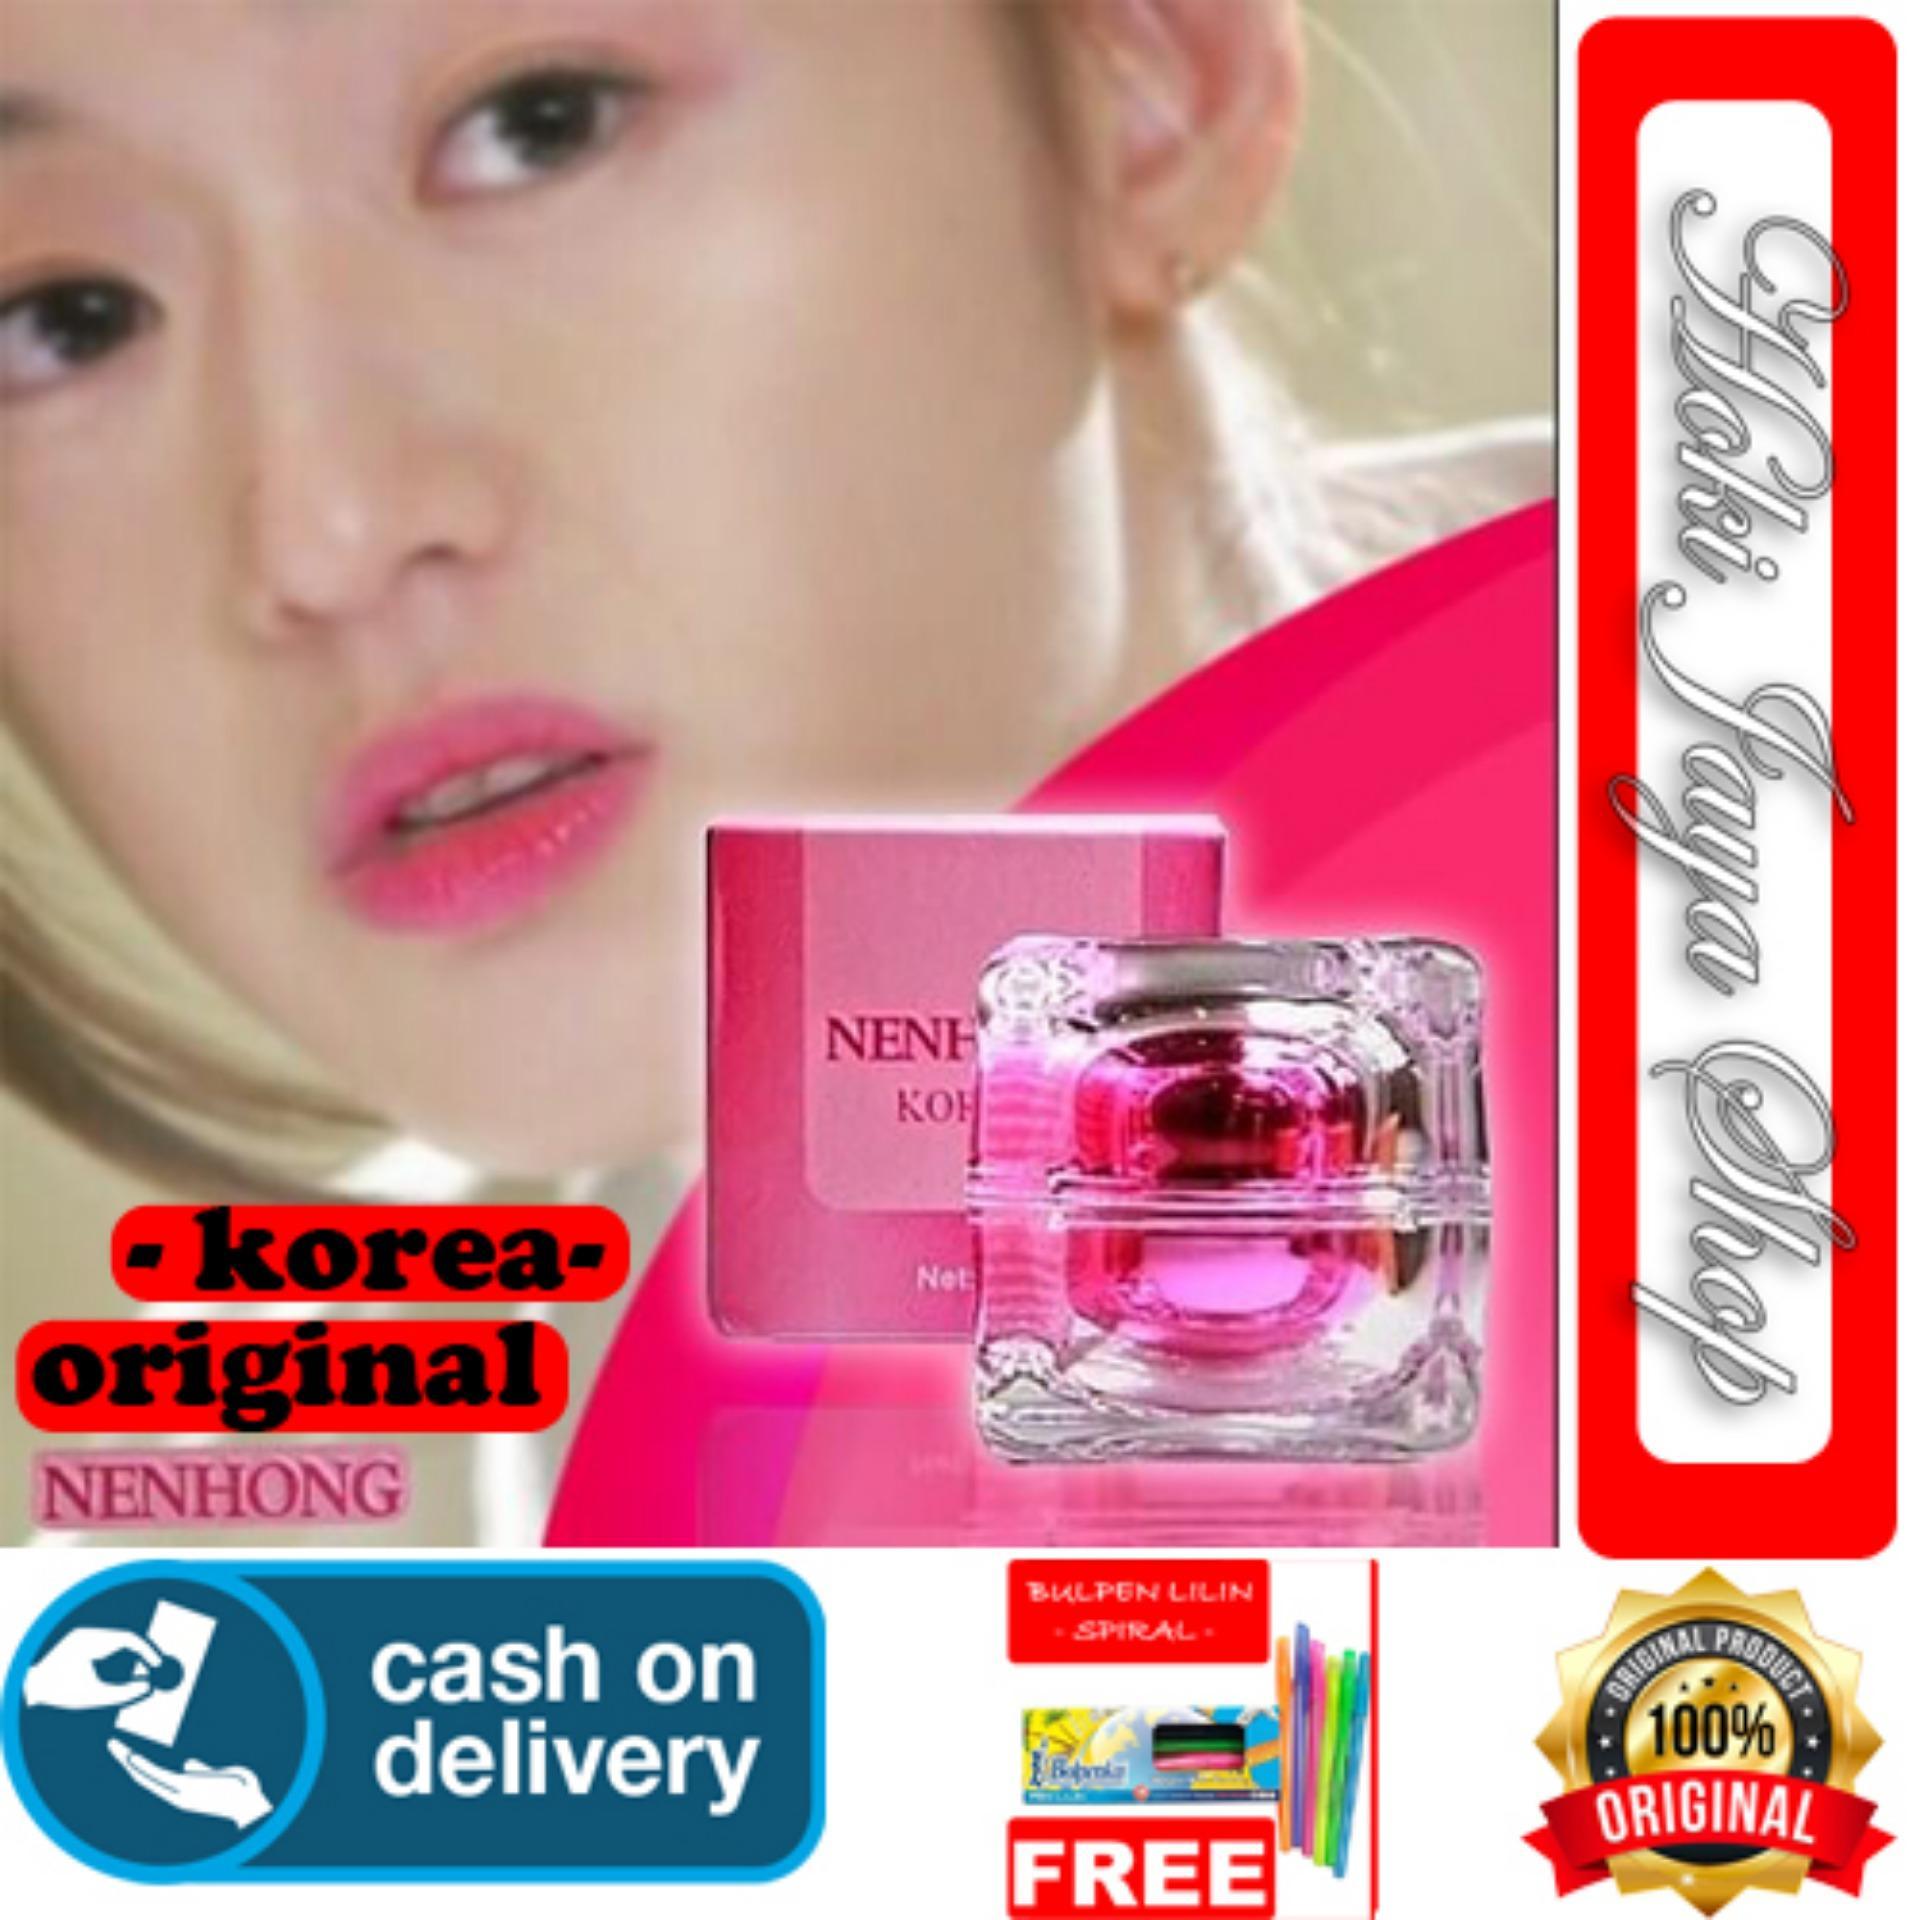 HOKI COD - Nenhong Lip Gloss Pemerah Bibir & Nipple Pink Alami - Nen Hong - 30g - Kailijumei + Gratis Pulpen Lilin Unik Serba Guna Hitam Pekat - 1 Pcs